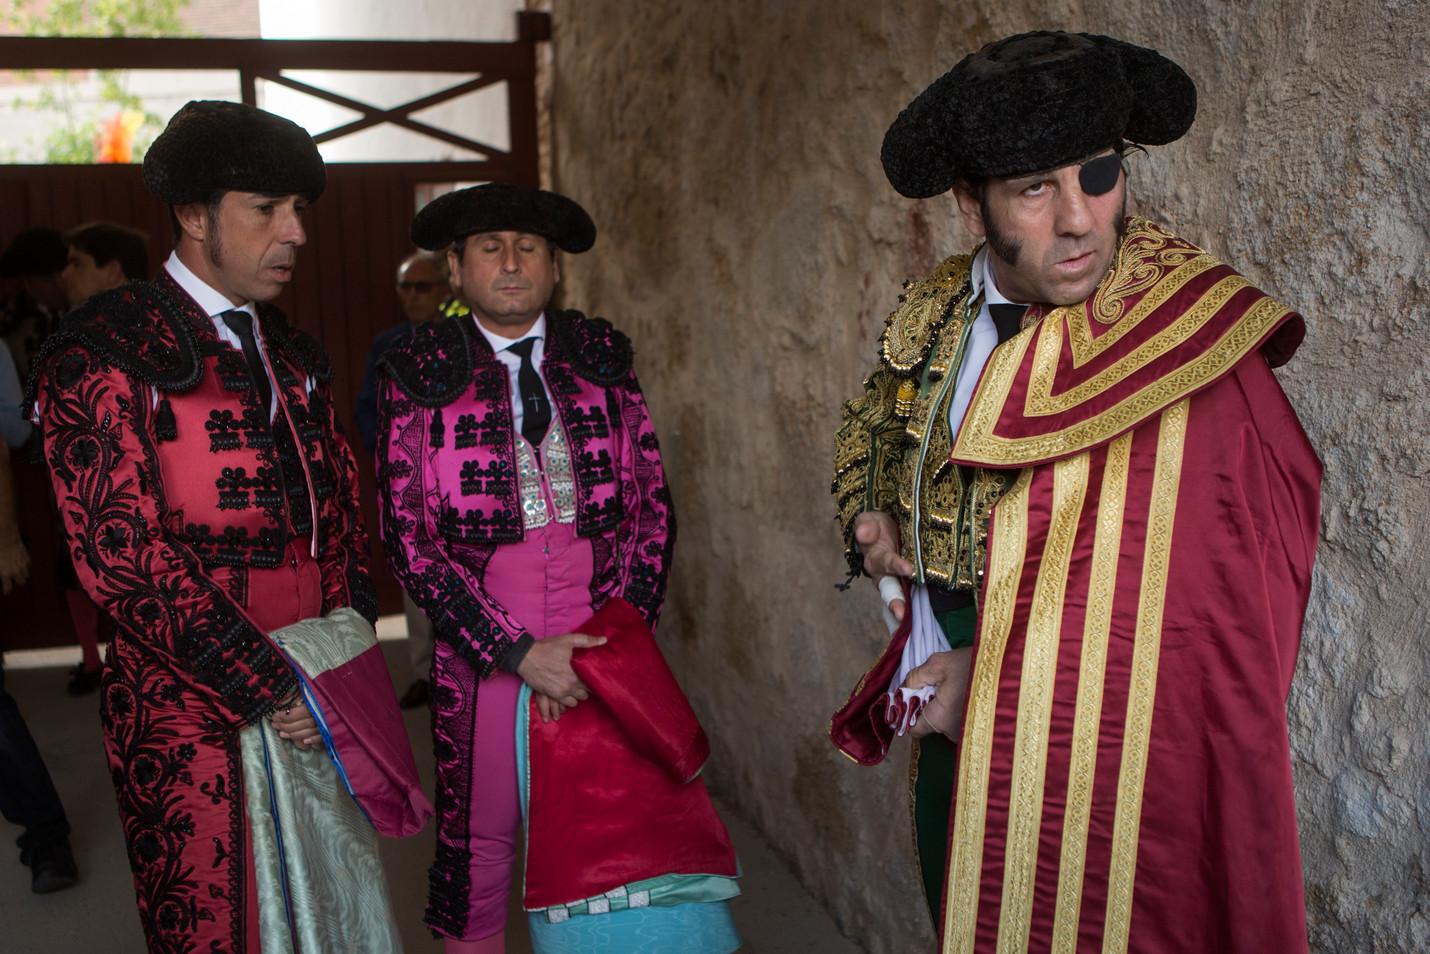 Padilla_Bullfighter_31.jpg